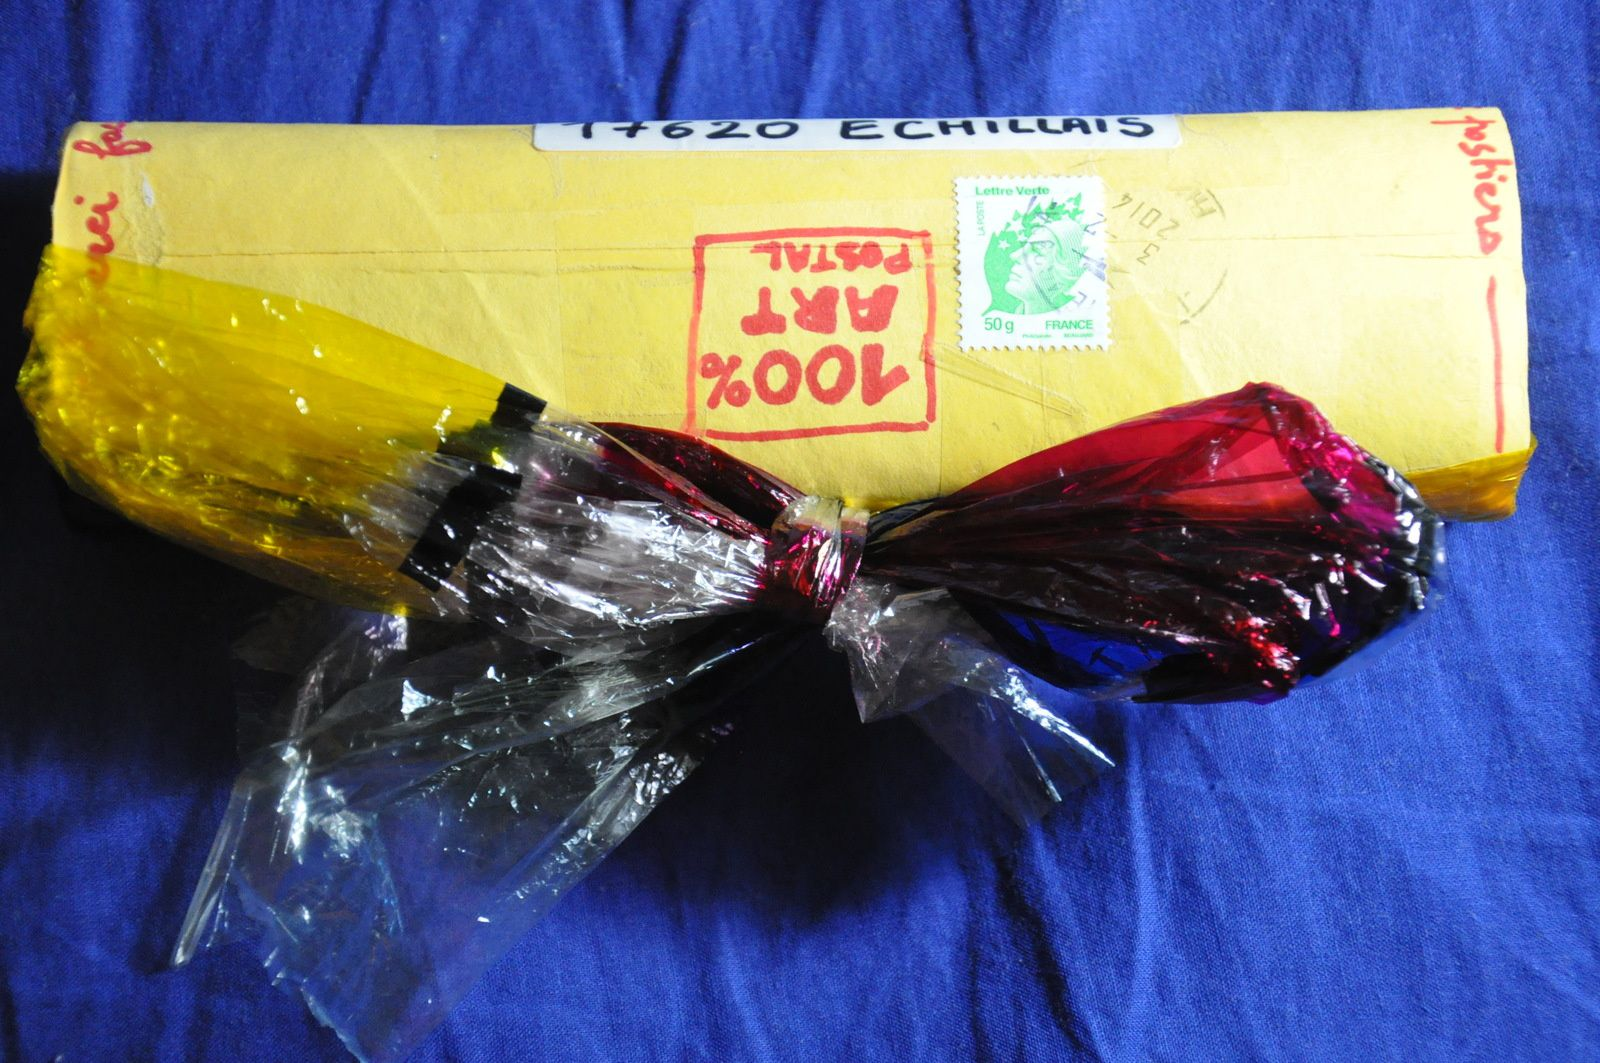 Merci à Colette Geffroy pour un envoi surprise : à l'intérieur du tube, un puzzle! Bravo!